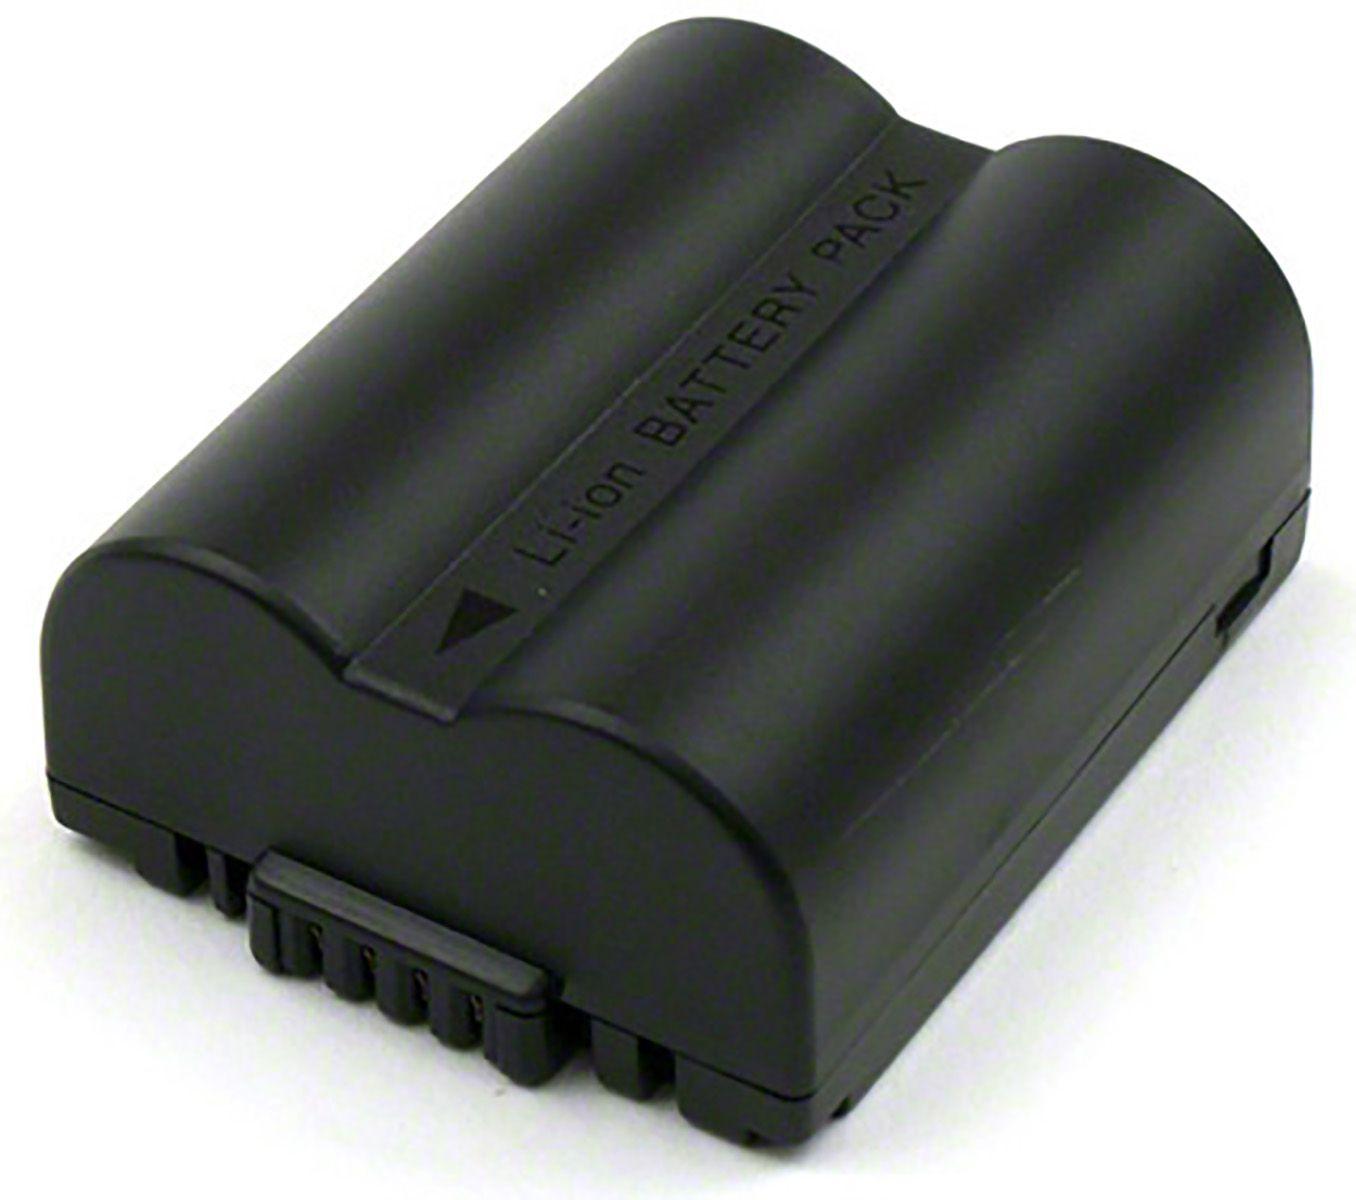 Bateria CGA-S006E para câmera digital e filmadora Panasonic Lumix DMC-FZ18, DMC-FZ30EG, DMC-FZ7BS, DMC-FZ8